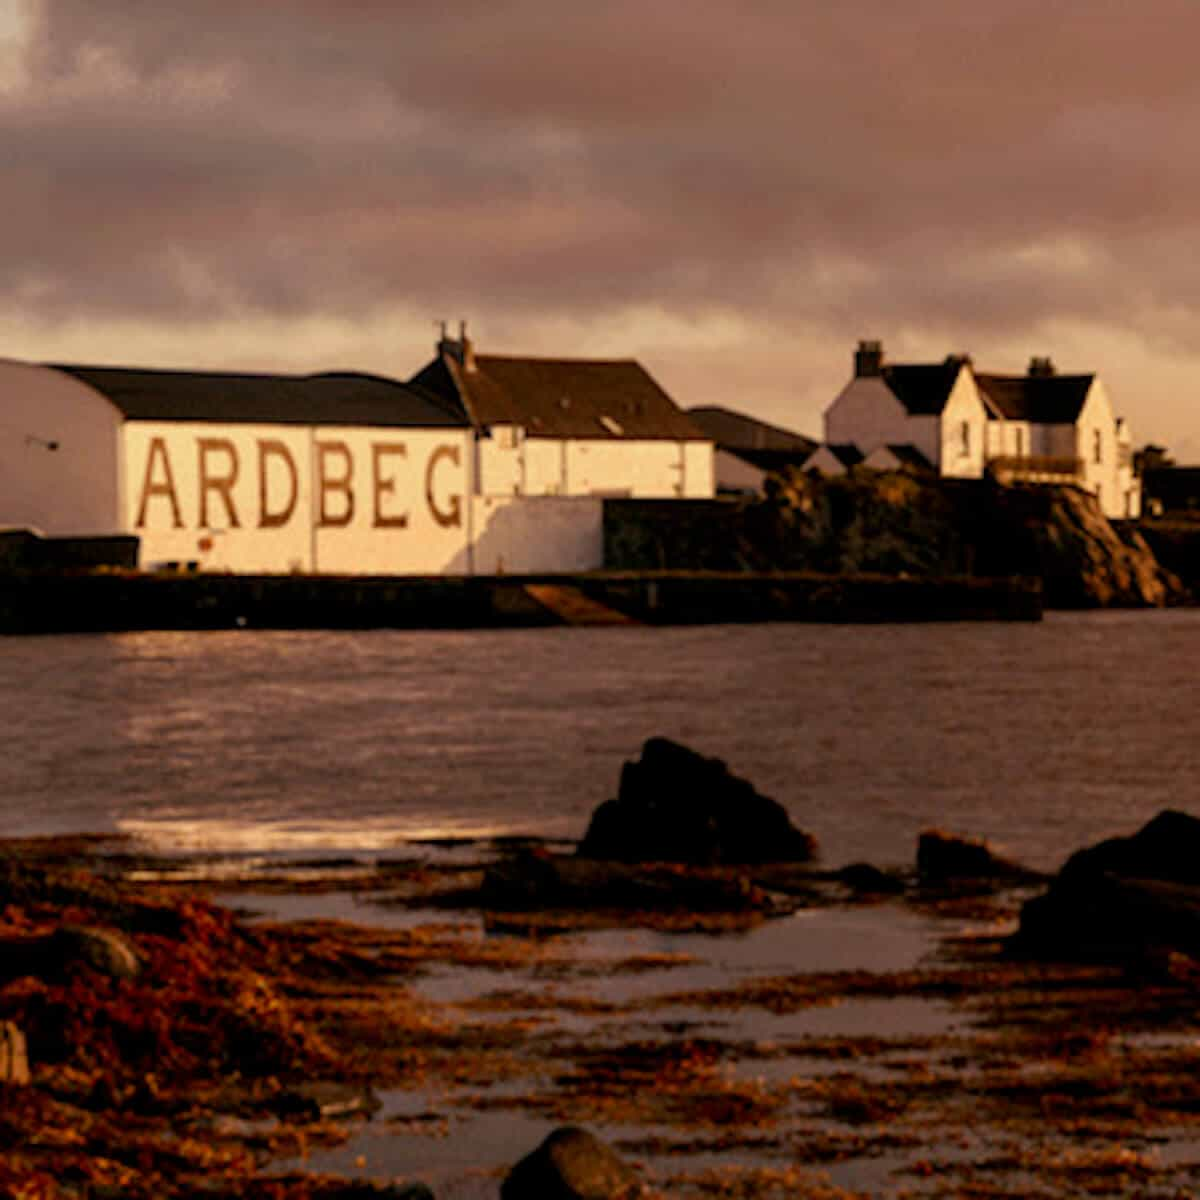 Photo of  the Ardbeg Distillery on Islay.